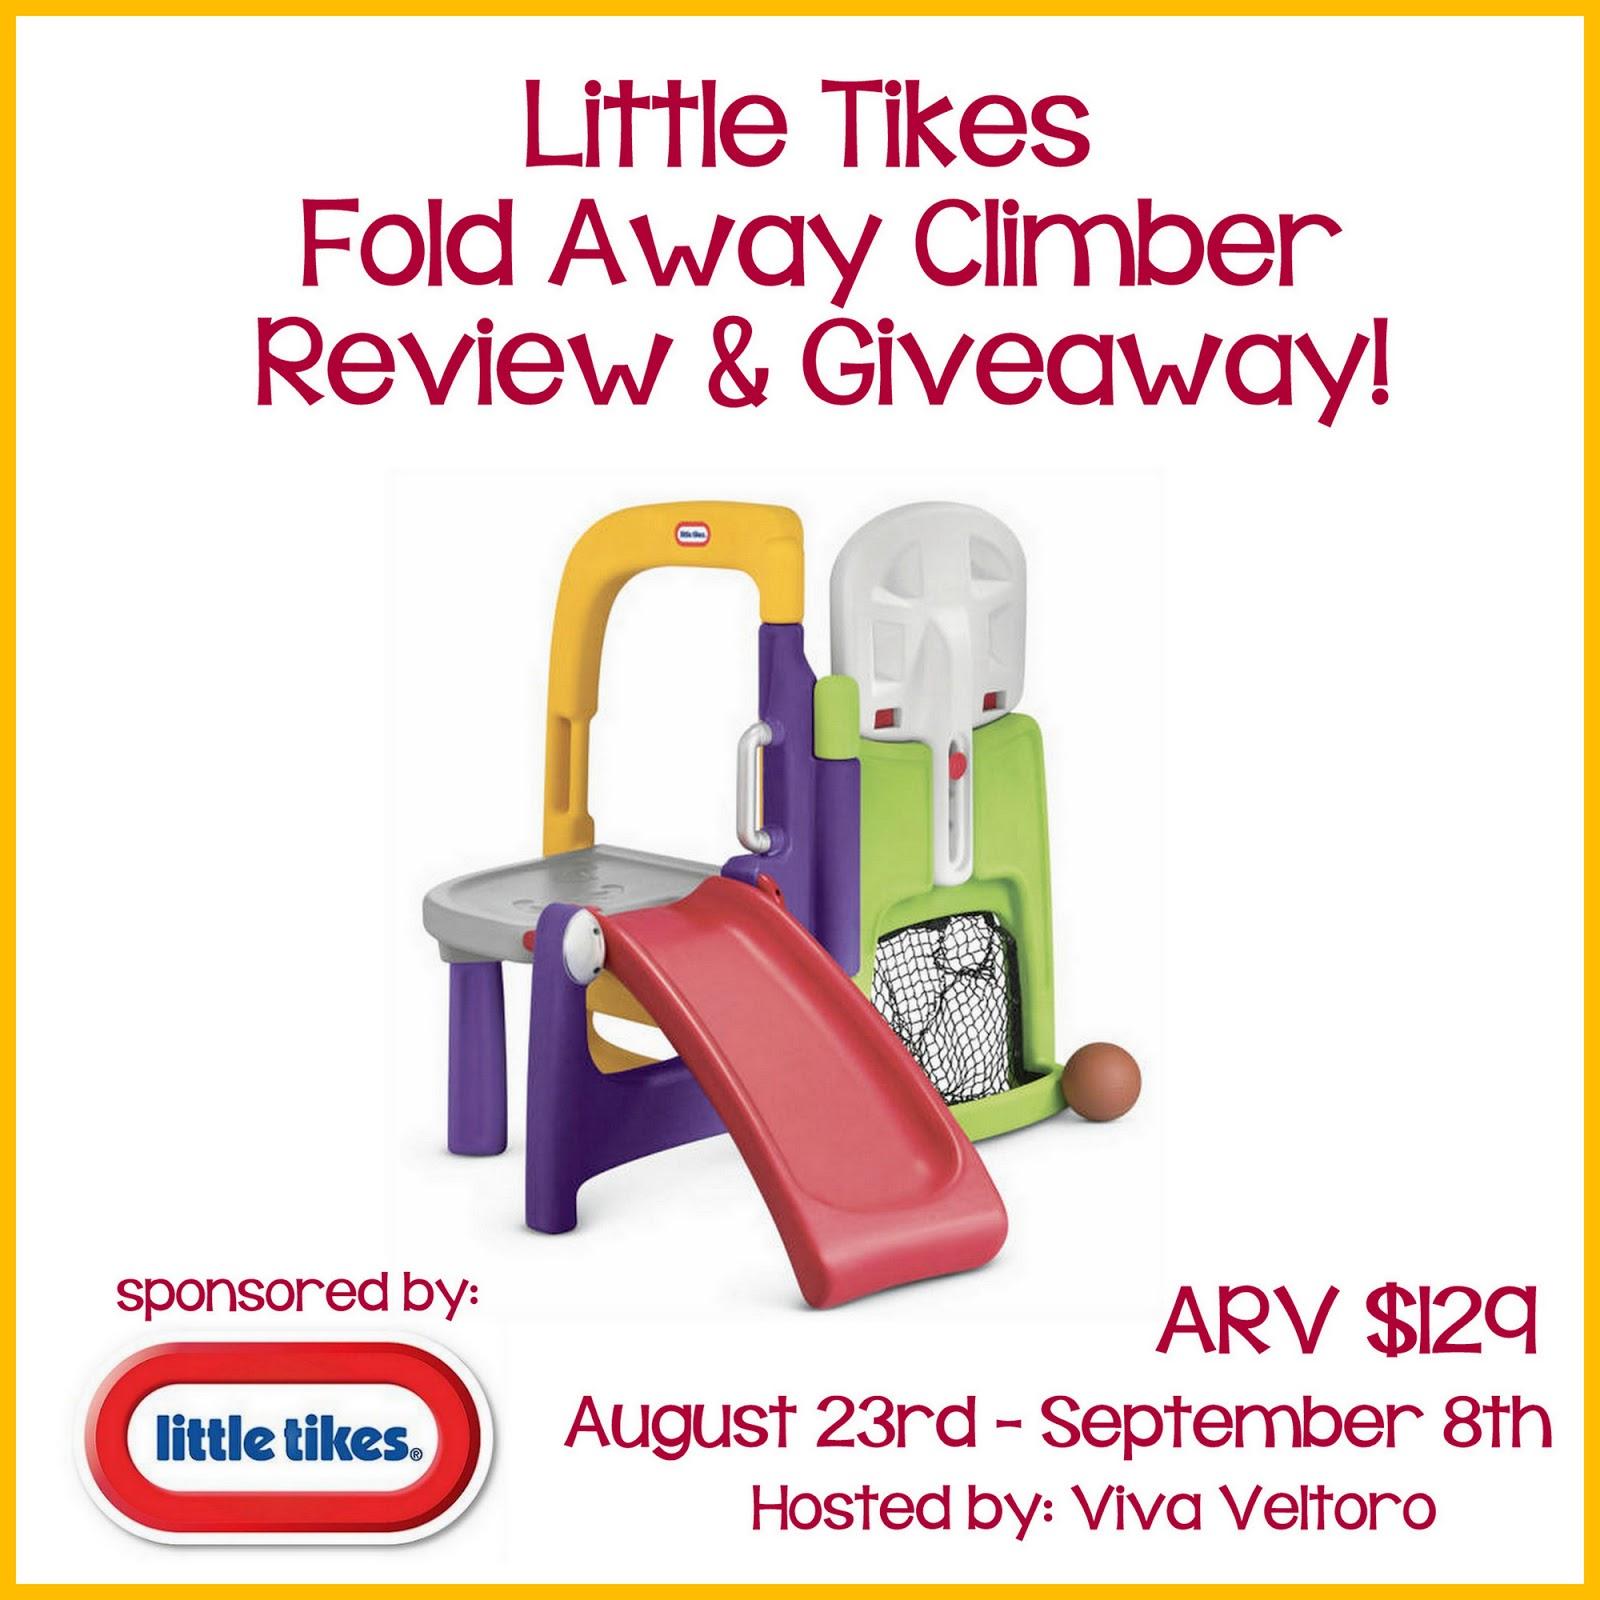 Little Tikes Fold Away Climber Review! - Viva Veltoro